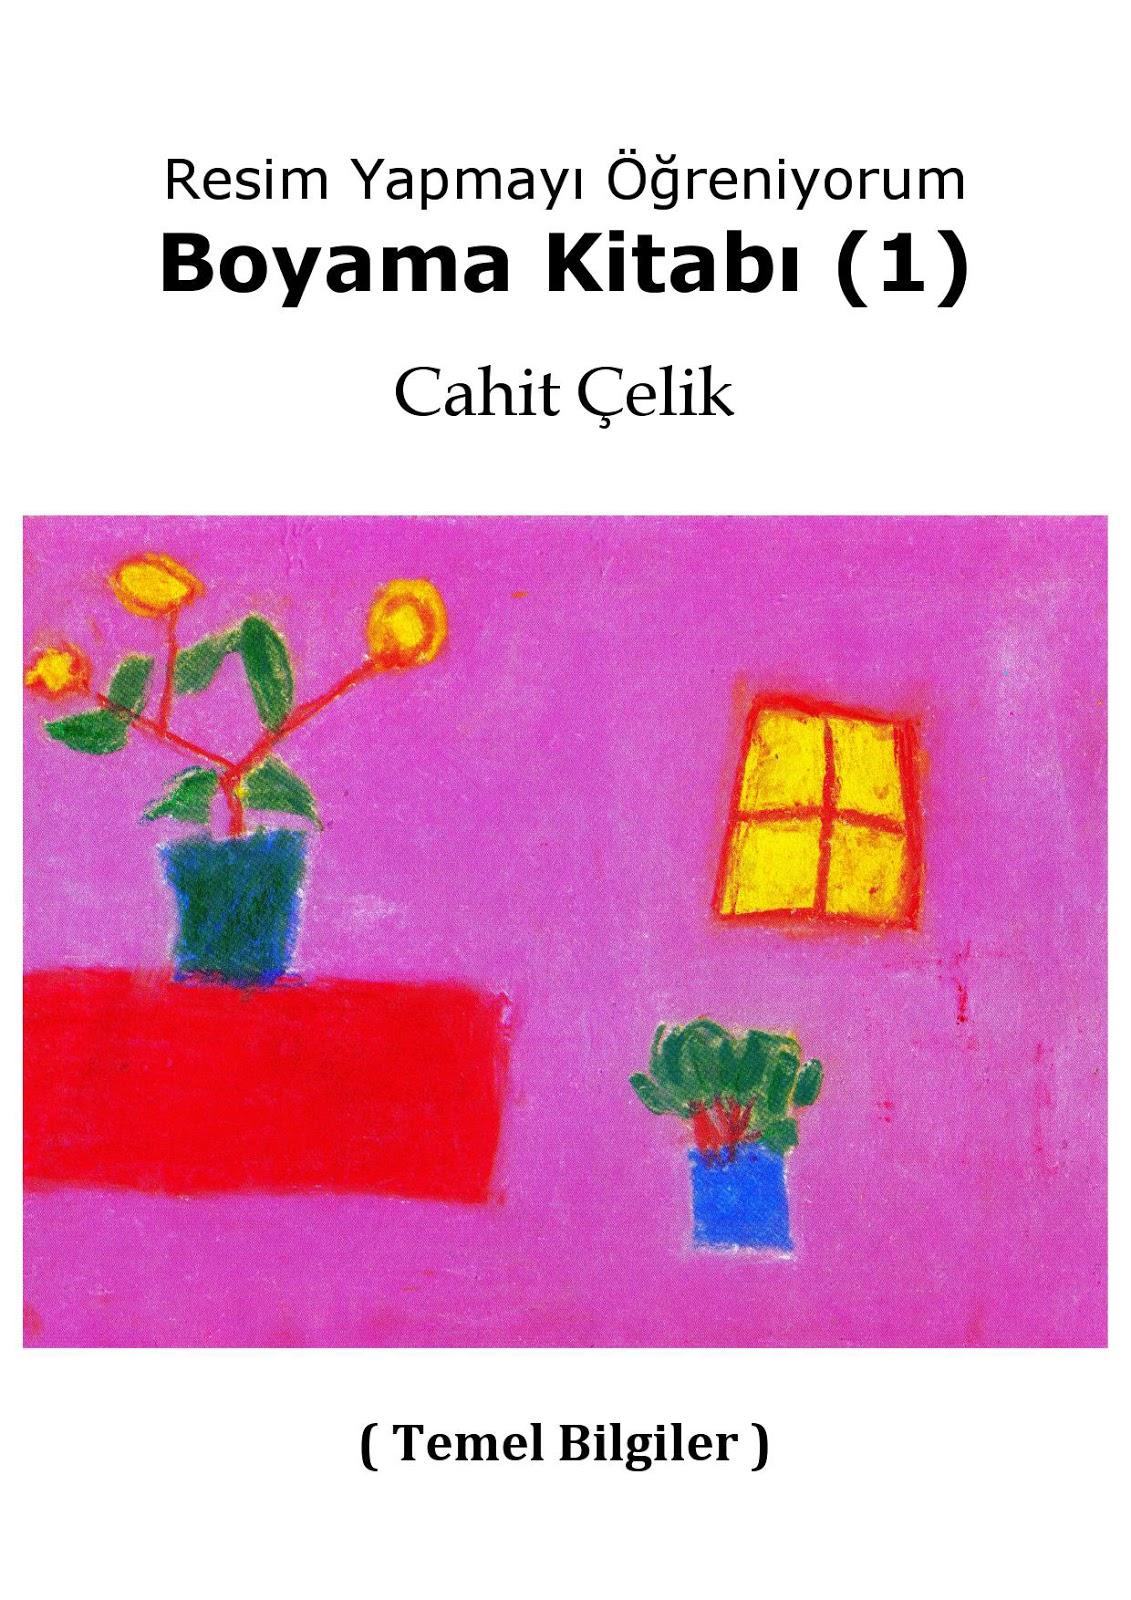 Resim Yapmayi Ogreten Boyama Kitabi 1 Haziran 2011